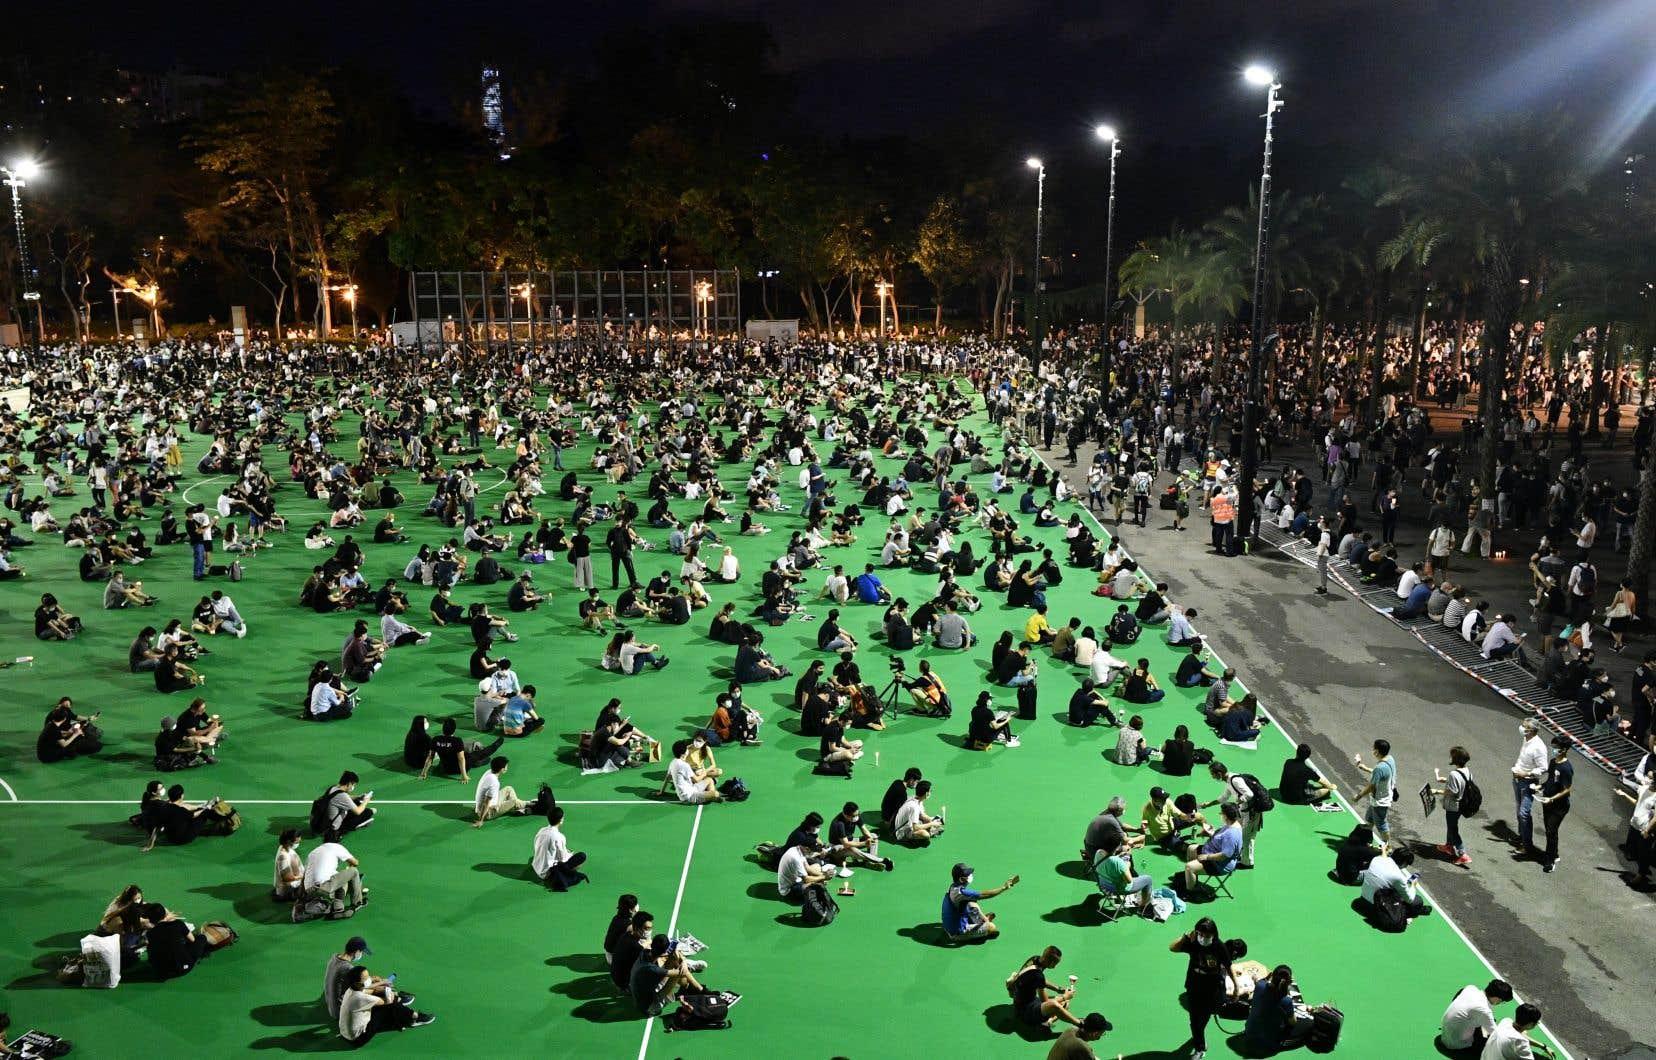 Cette veillée attire généralement les foules et elle est la seule commémoration de l'évènement en Chine.